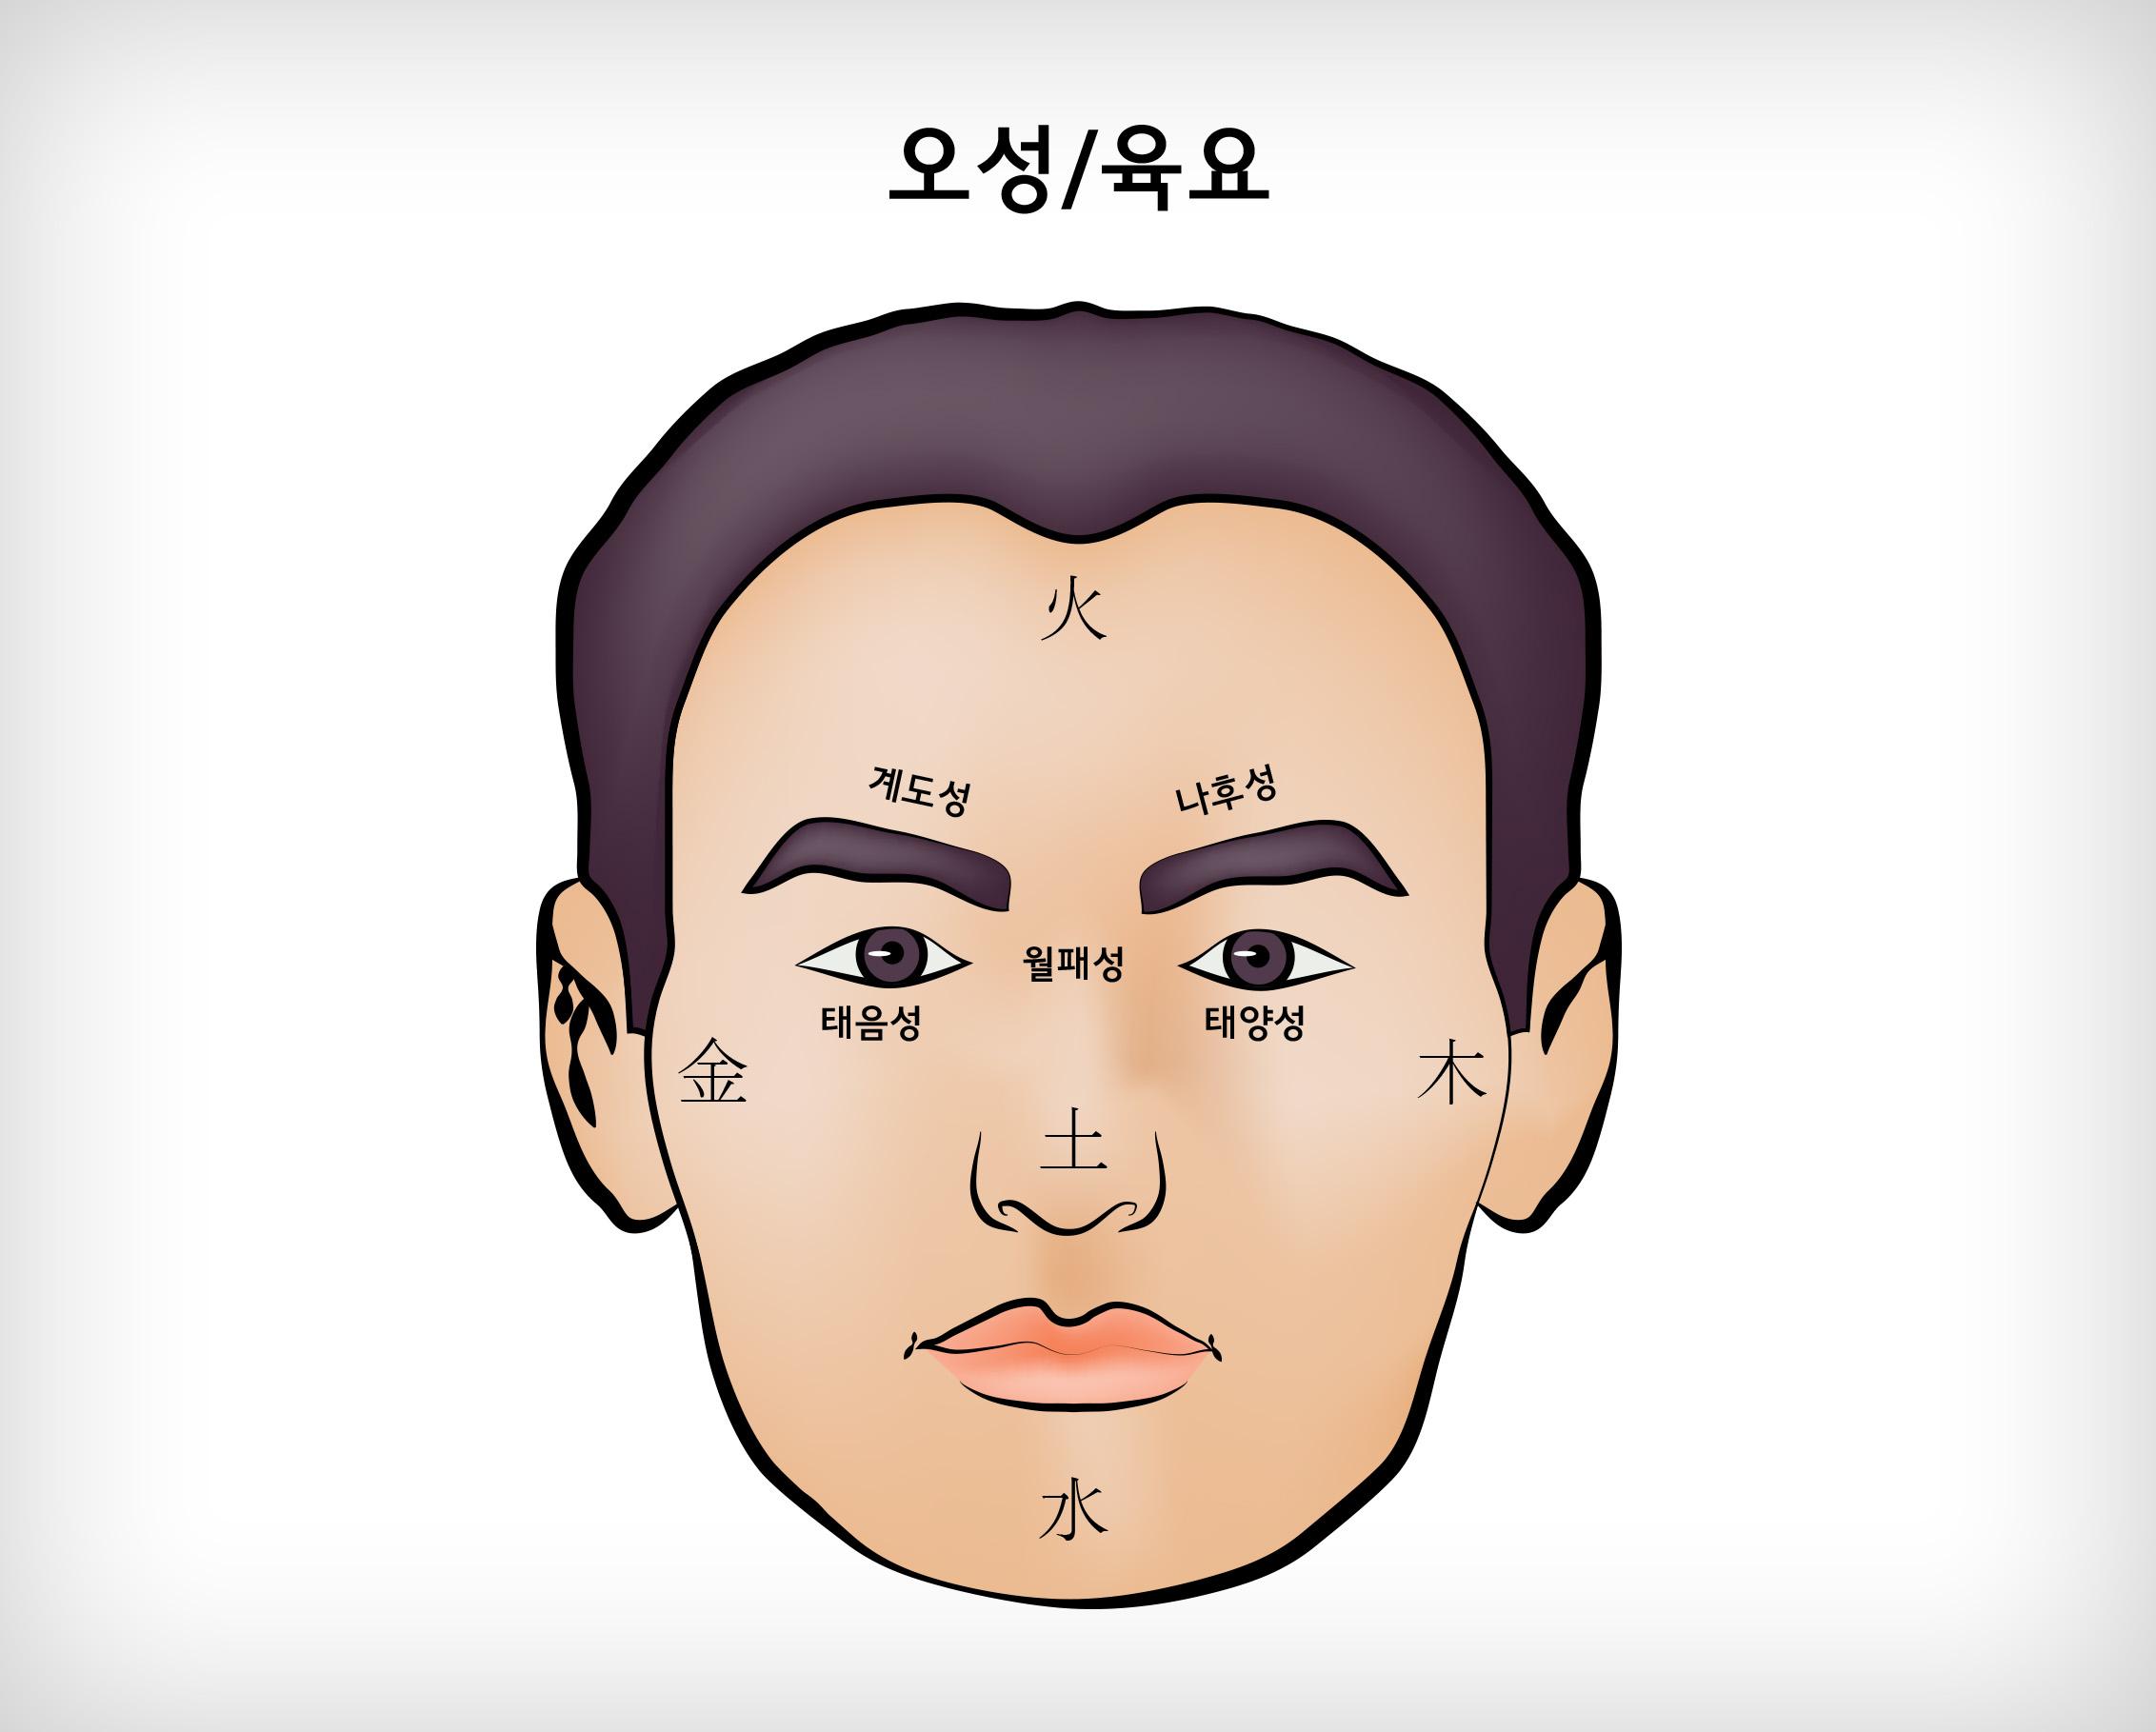 오성 육요 (五星, 六曜)